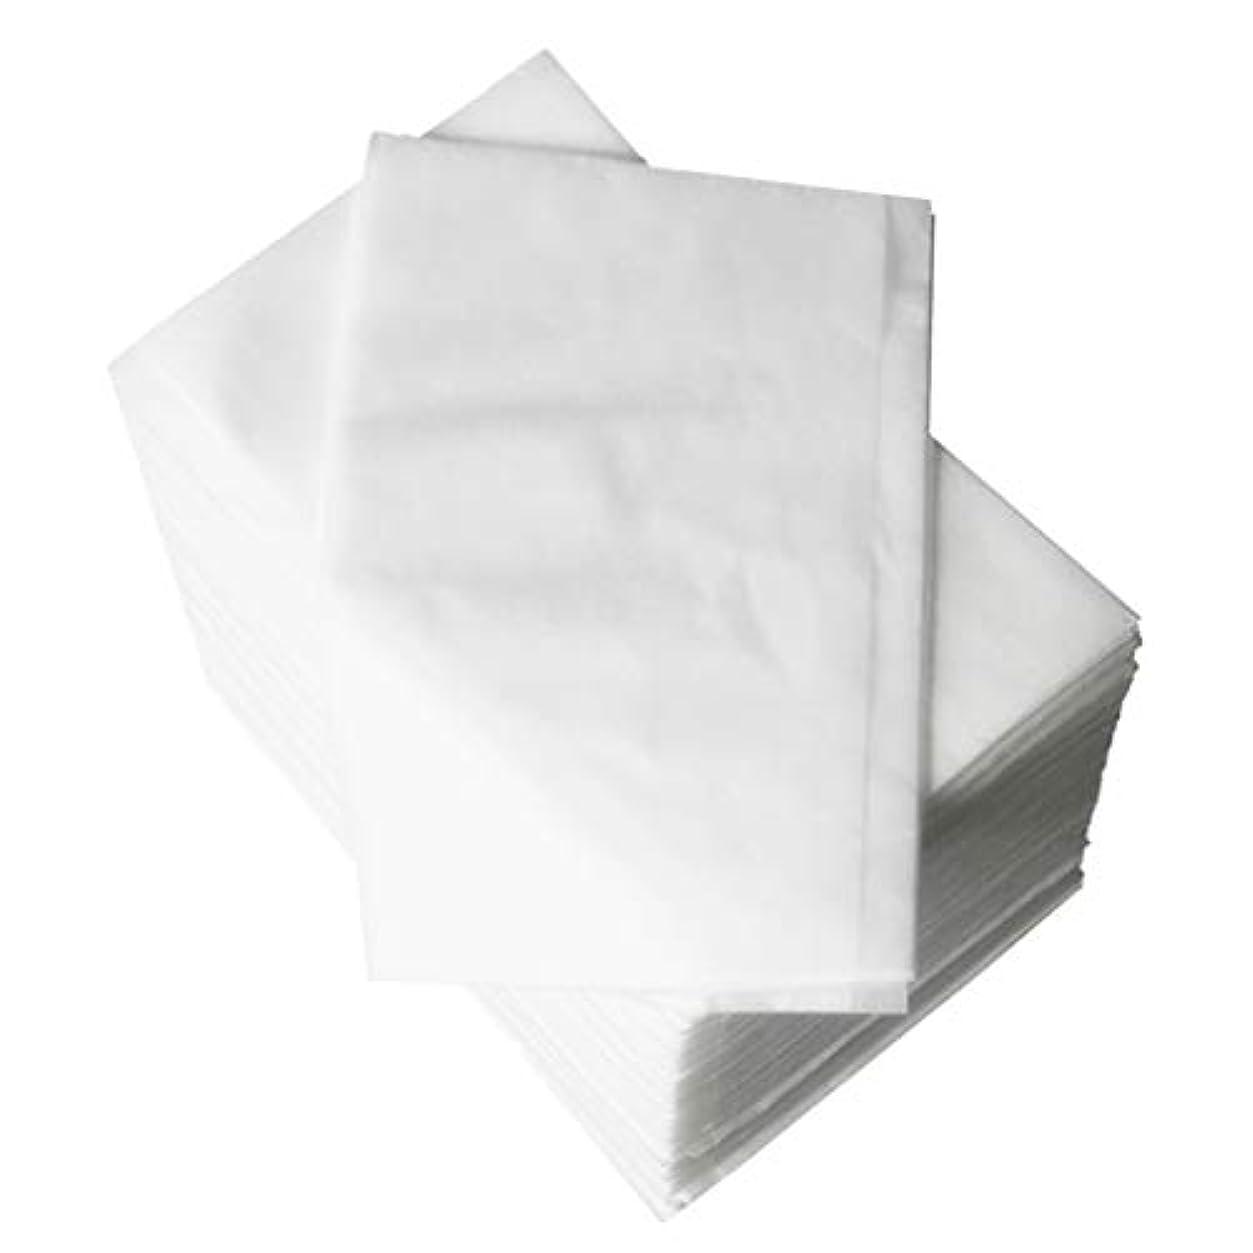 宝オープナーハミングバード使い捨てベッドシーツ 美容シーツ 約80 x 180 cm 約100個 全2色 - 白